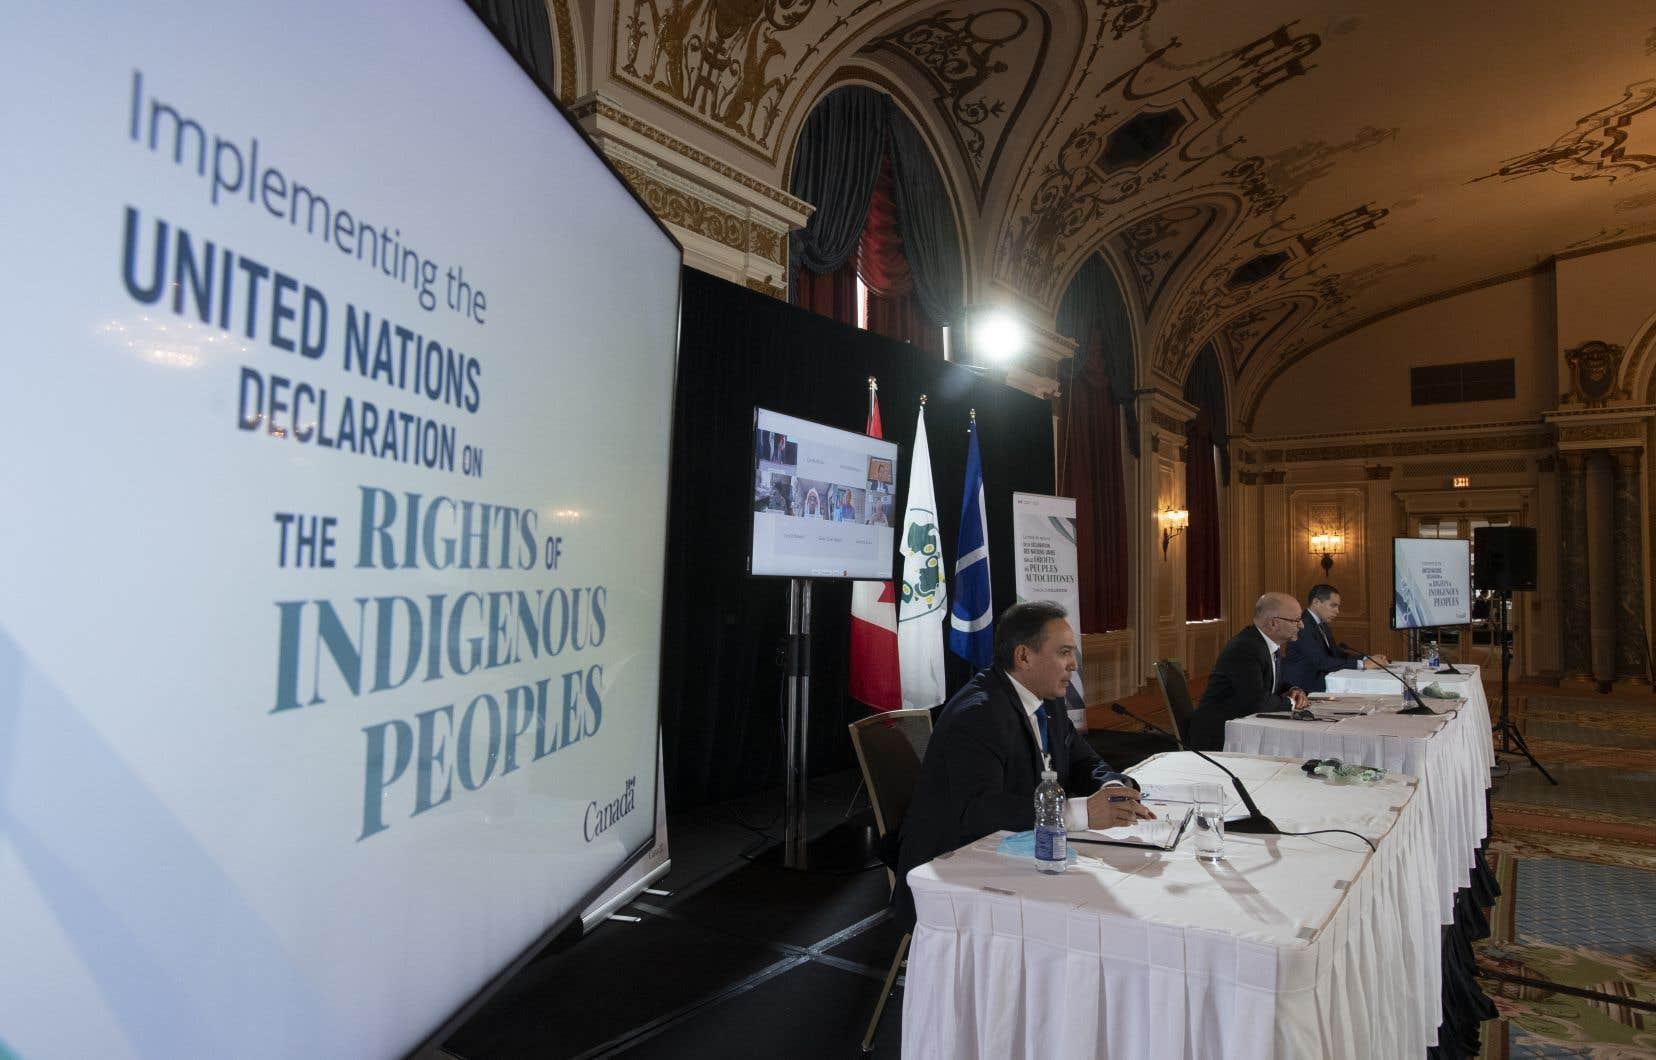 «Contrairement à ce qu'on a pu entendre dans le discours gouvernemental pendant l'automne 2020, ce sont les politiques publiques qui doivent respecter la DNUDPA et non l'inverse», estiment les autrices.